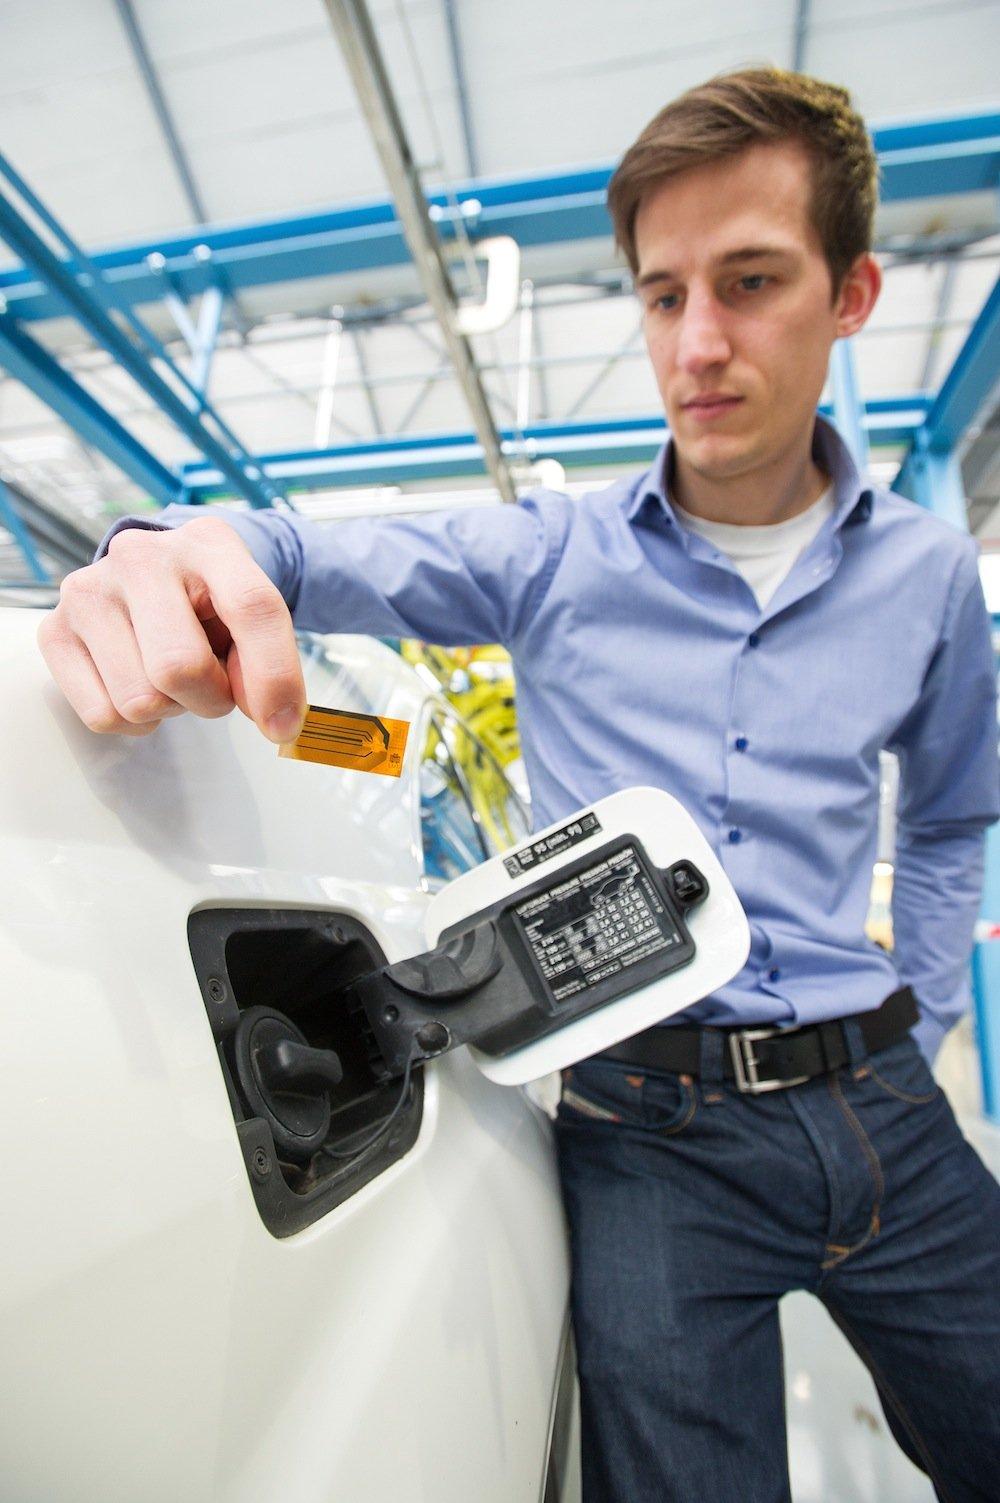 Der Sensor besteht nur aus einer kleinen, dünnen Folie mit aufgebrachten Leiterbahnen und kann die Zusammensetzung von Flüssigkeiten messen. In Dieselfahrzeugen kann er zum Beispiel sicherstellen, dass der Katalysator die gefährlichen Abgase ordnungsgemäß reduziert und so diese schädlichen Stickoxide in Stickstoff und Wasser umwandelt. Diplom-Ingenieur Bastian Schmitt (Foto) hat den Sensor am Lehrstuhl für Messtechnik von Professor Andreas Schütze mitentwickelt.